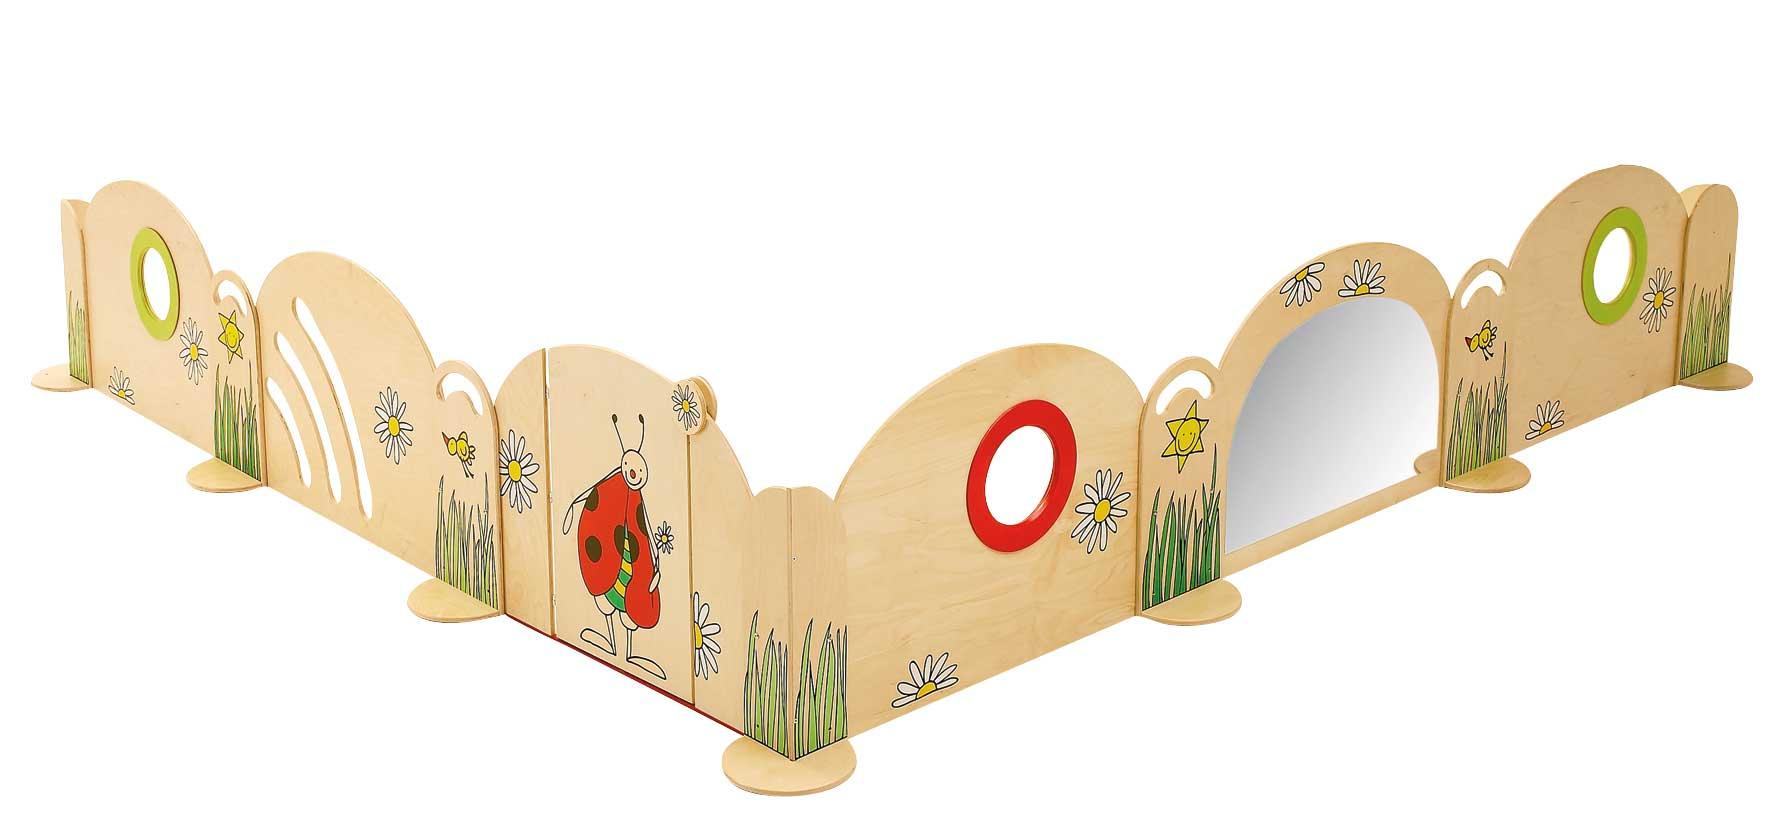 Spielecke mit Spiegel als Raumteiler Blumenwiese für Gruppenraum im Kindergarten oder Kindertagesstätte